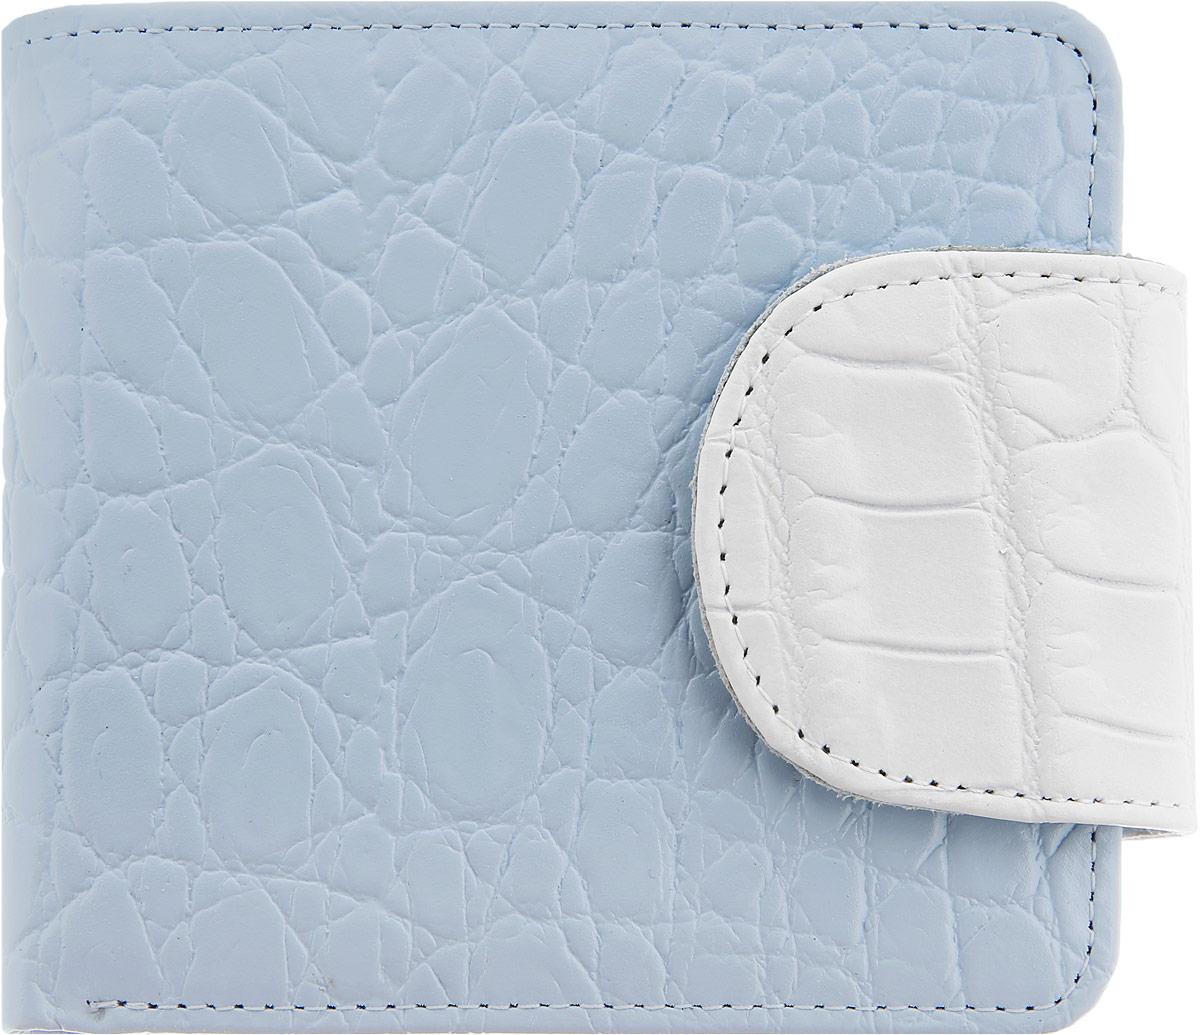 Кошелек женский Esse Дора, цвет: светло-голубой, белый. GDOR00-00KN00-FF809O-K100495350нСтильный женский кошелек Esse Дора изготовлен из натуральной высококачественной кожи и оформлен тиснением под крокодила. Кошелек выполнен в два сложения и закрывается на широкий хлястик с кнопкой. Модель содержит три отделения для купюр, одно из которых закрывается на молнию, два потайных кармашка, четыре кармана для кредитных карт или визиток, а также отделение для мелочи с клапаном на кнопке. Кошелек - это удобный и функциональный аксессуар, необходимый любому активному человеку для хранения денежных купюр, визиток, пластиковых карт и небольших документов. Он не только практичен в использовании, но также позволит вам подчеркнуть свою индивидуальность. Кошелек упакован в фирменную картонную коробку с логотипом бренда.